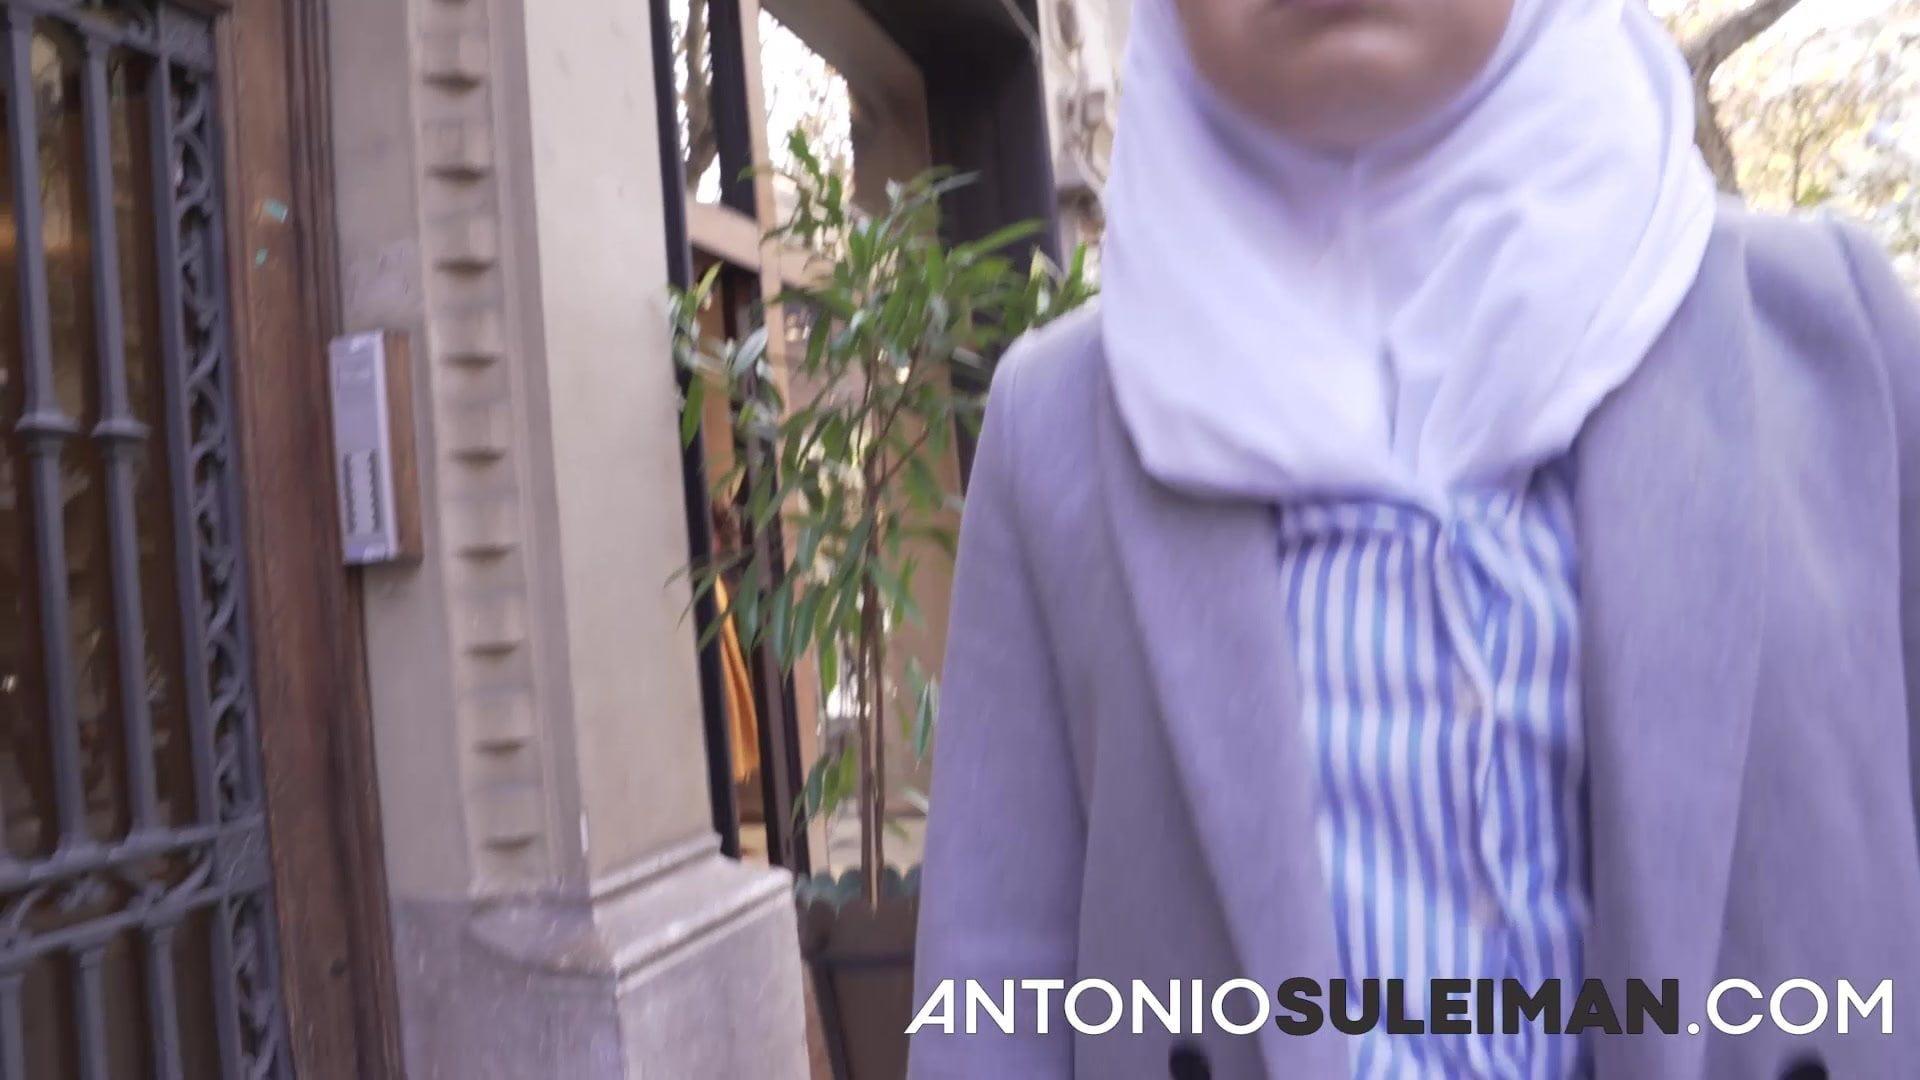 Suleiman porn antonio Antonio